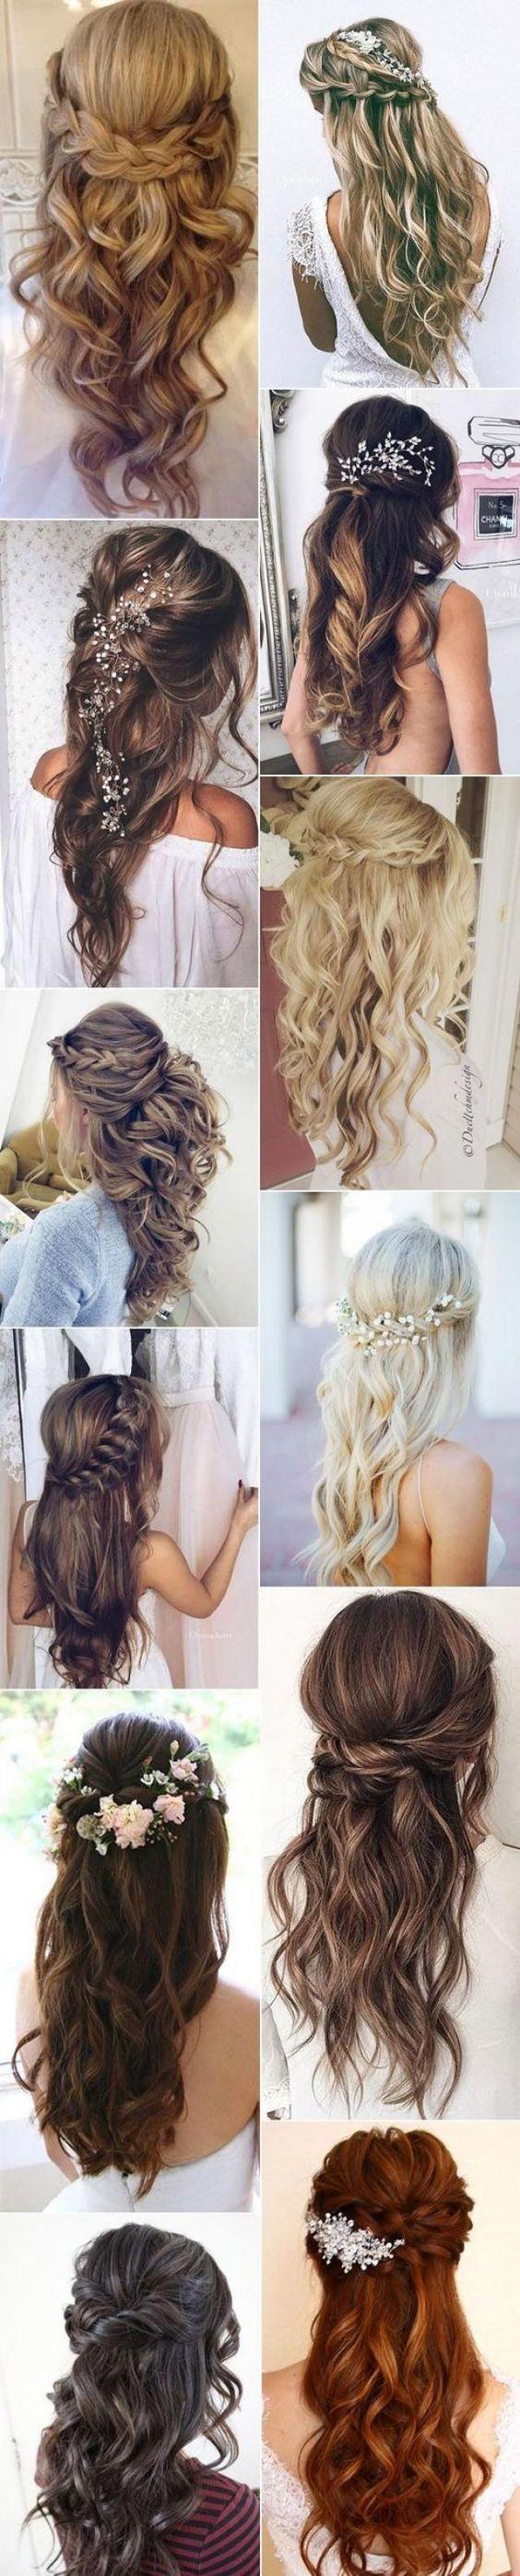 Best 25+ Half up half down wedding hair ideas on Pinterest ...